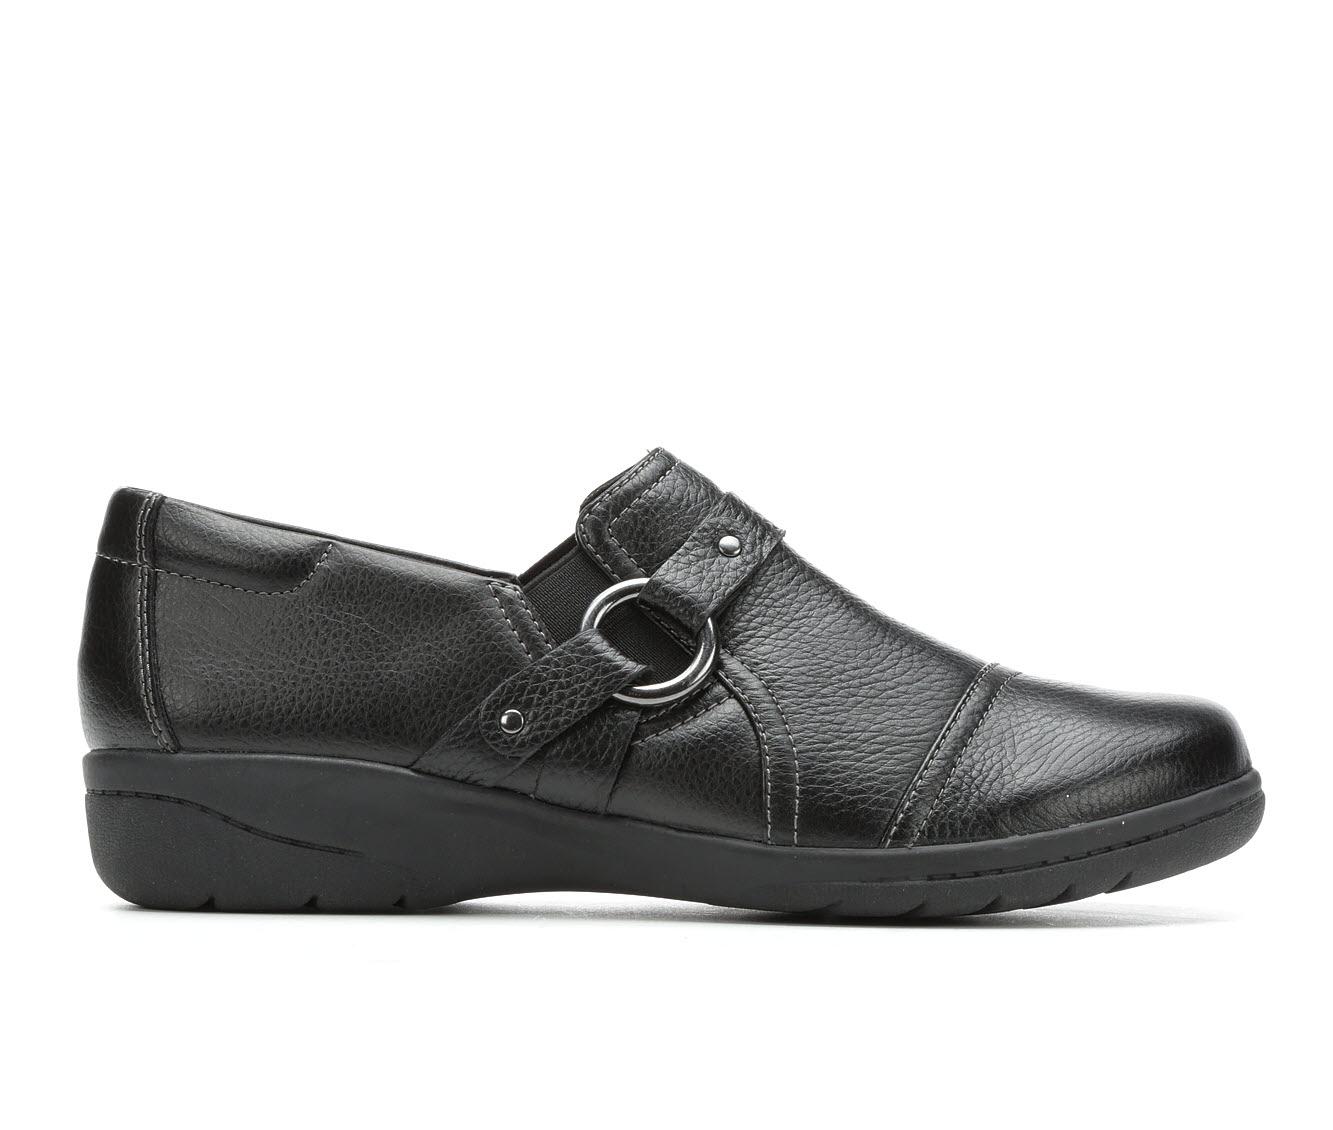 Clarks Cheyn Fame Women's Shoe (Black Leather)